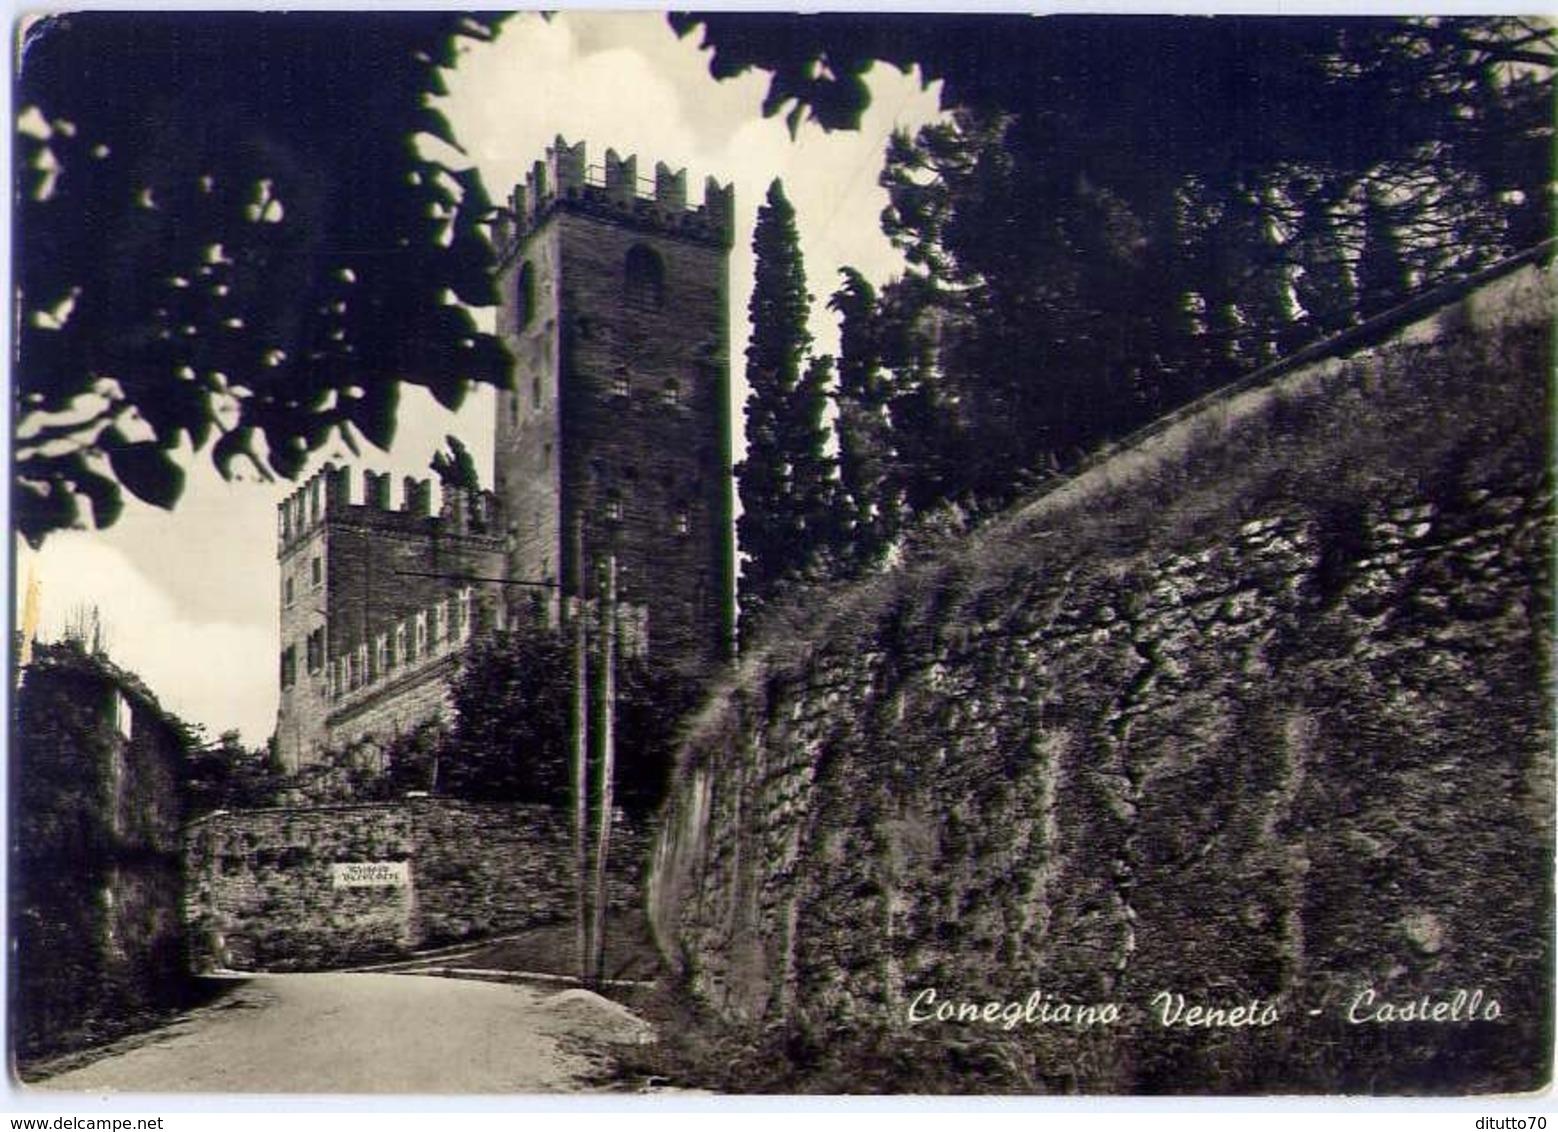 Conegliano Veneto - Castello - Formato Grande Viaggiata – Fe1 - Treviso